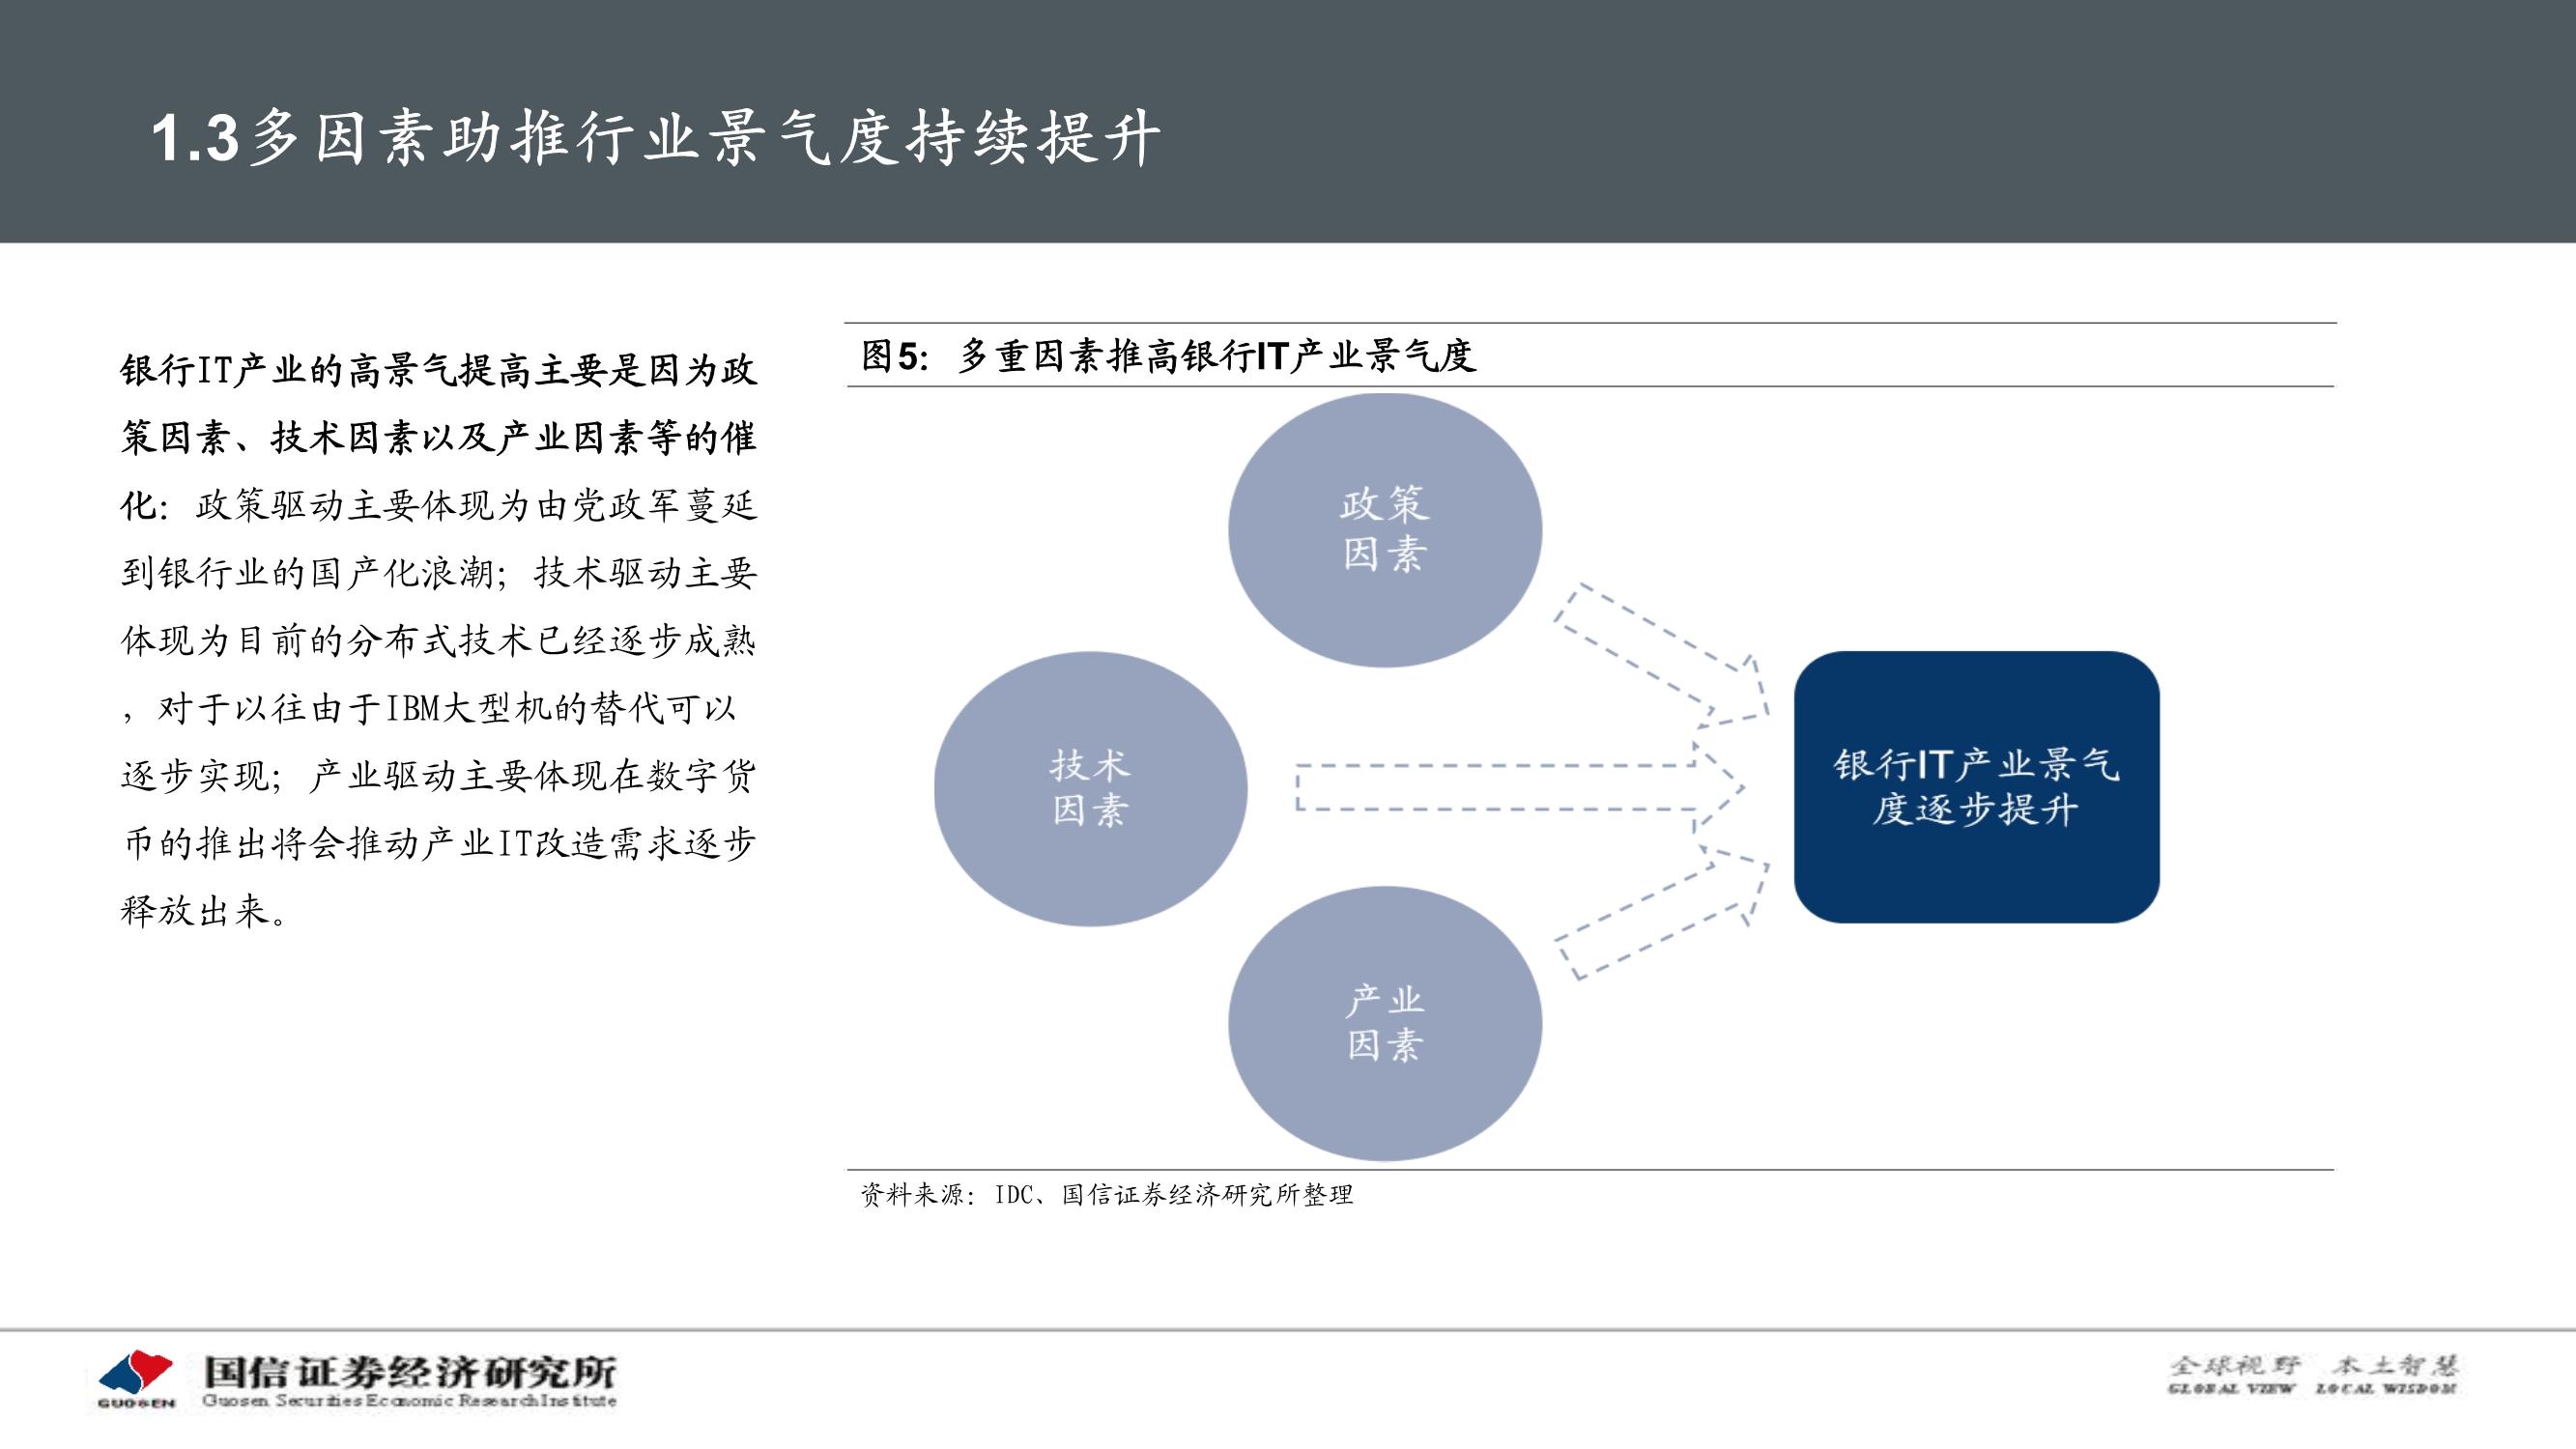 银行IT行业专题报告:从供需格局看银行IT高景气